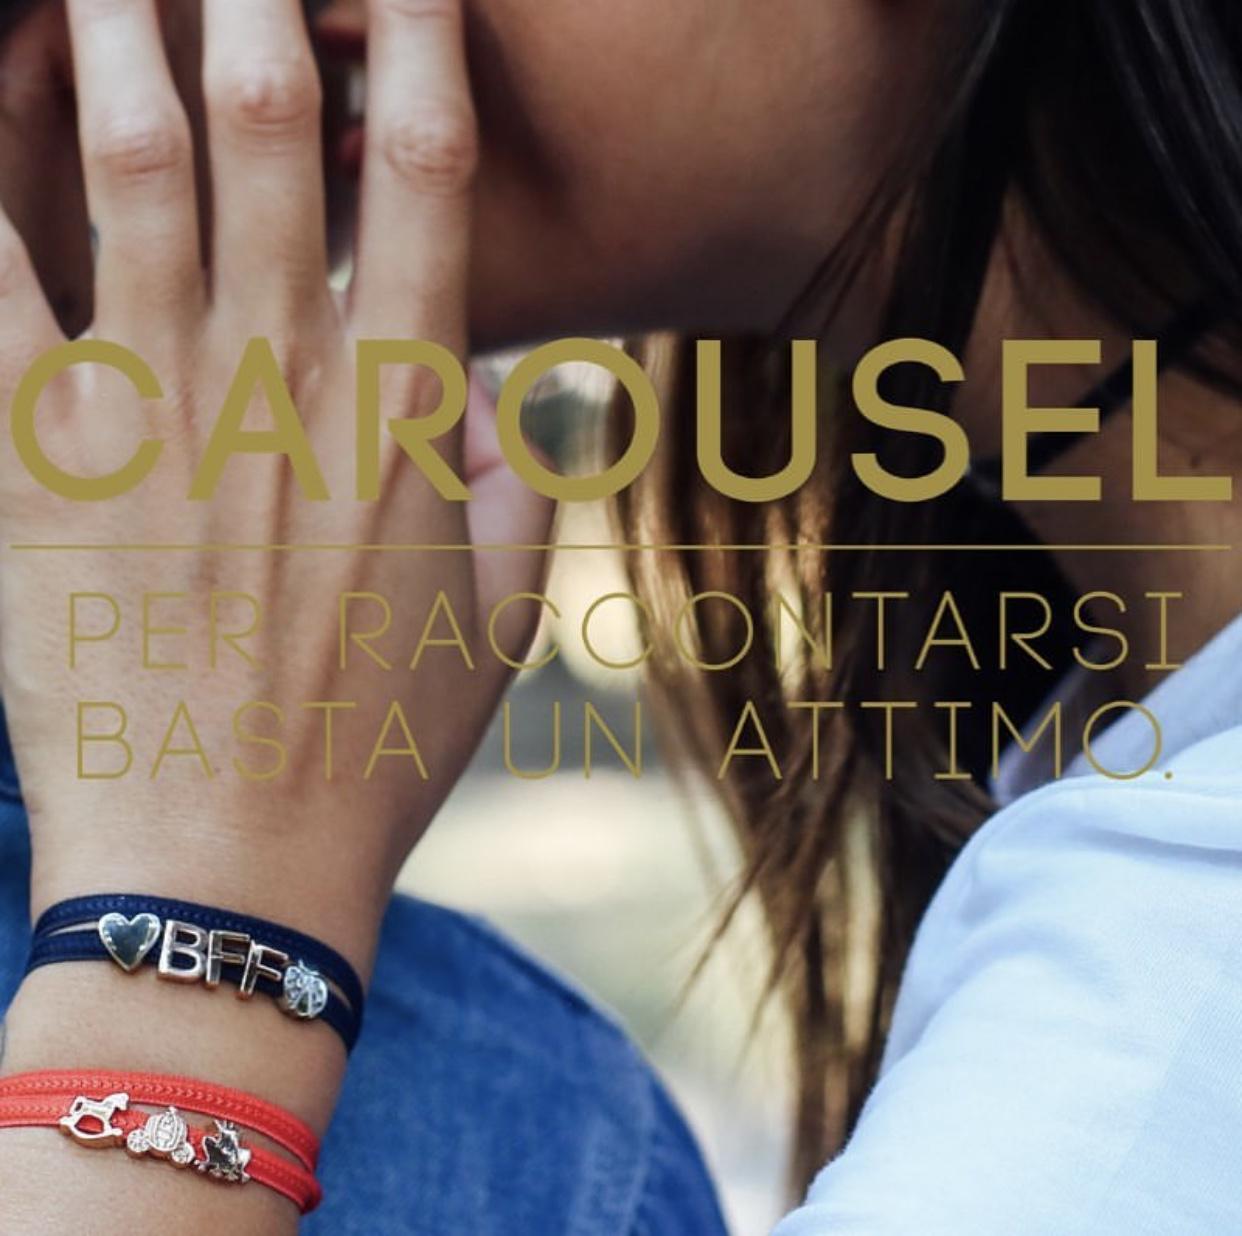 Carousel, la nuova collezione Rue Des Mille: per raccontarsi basta un attimo!